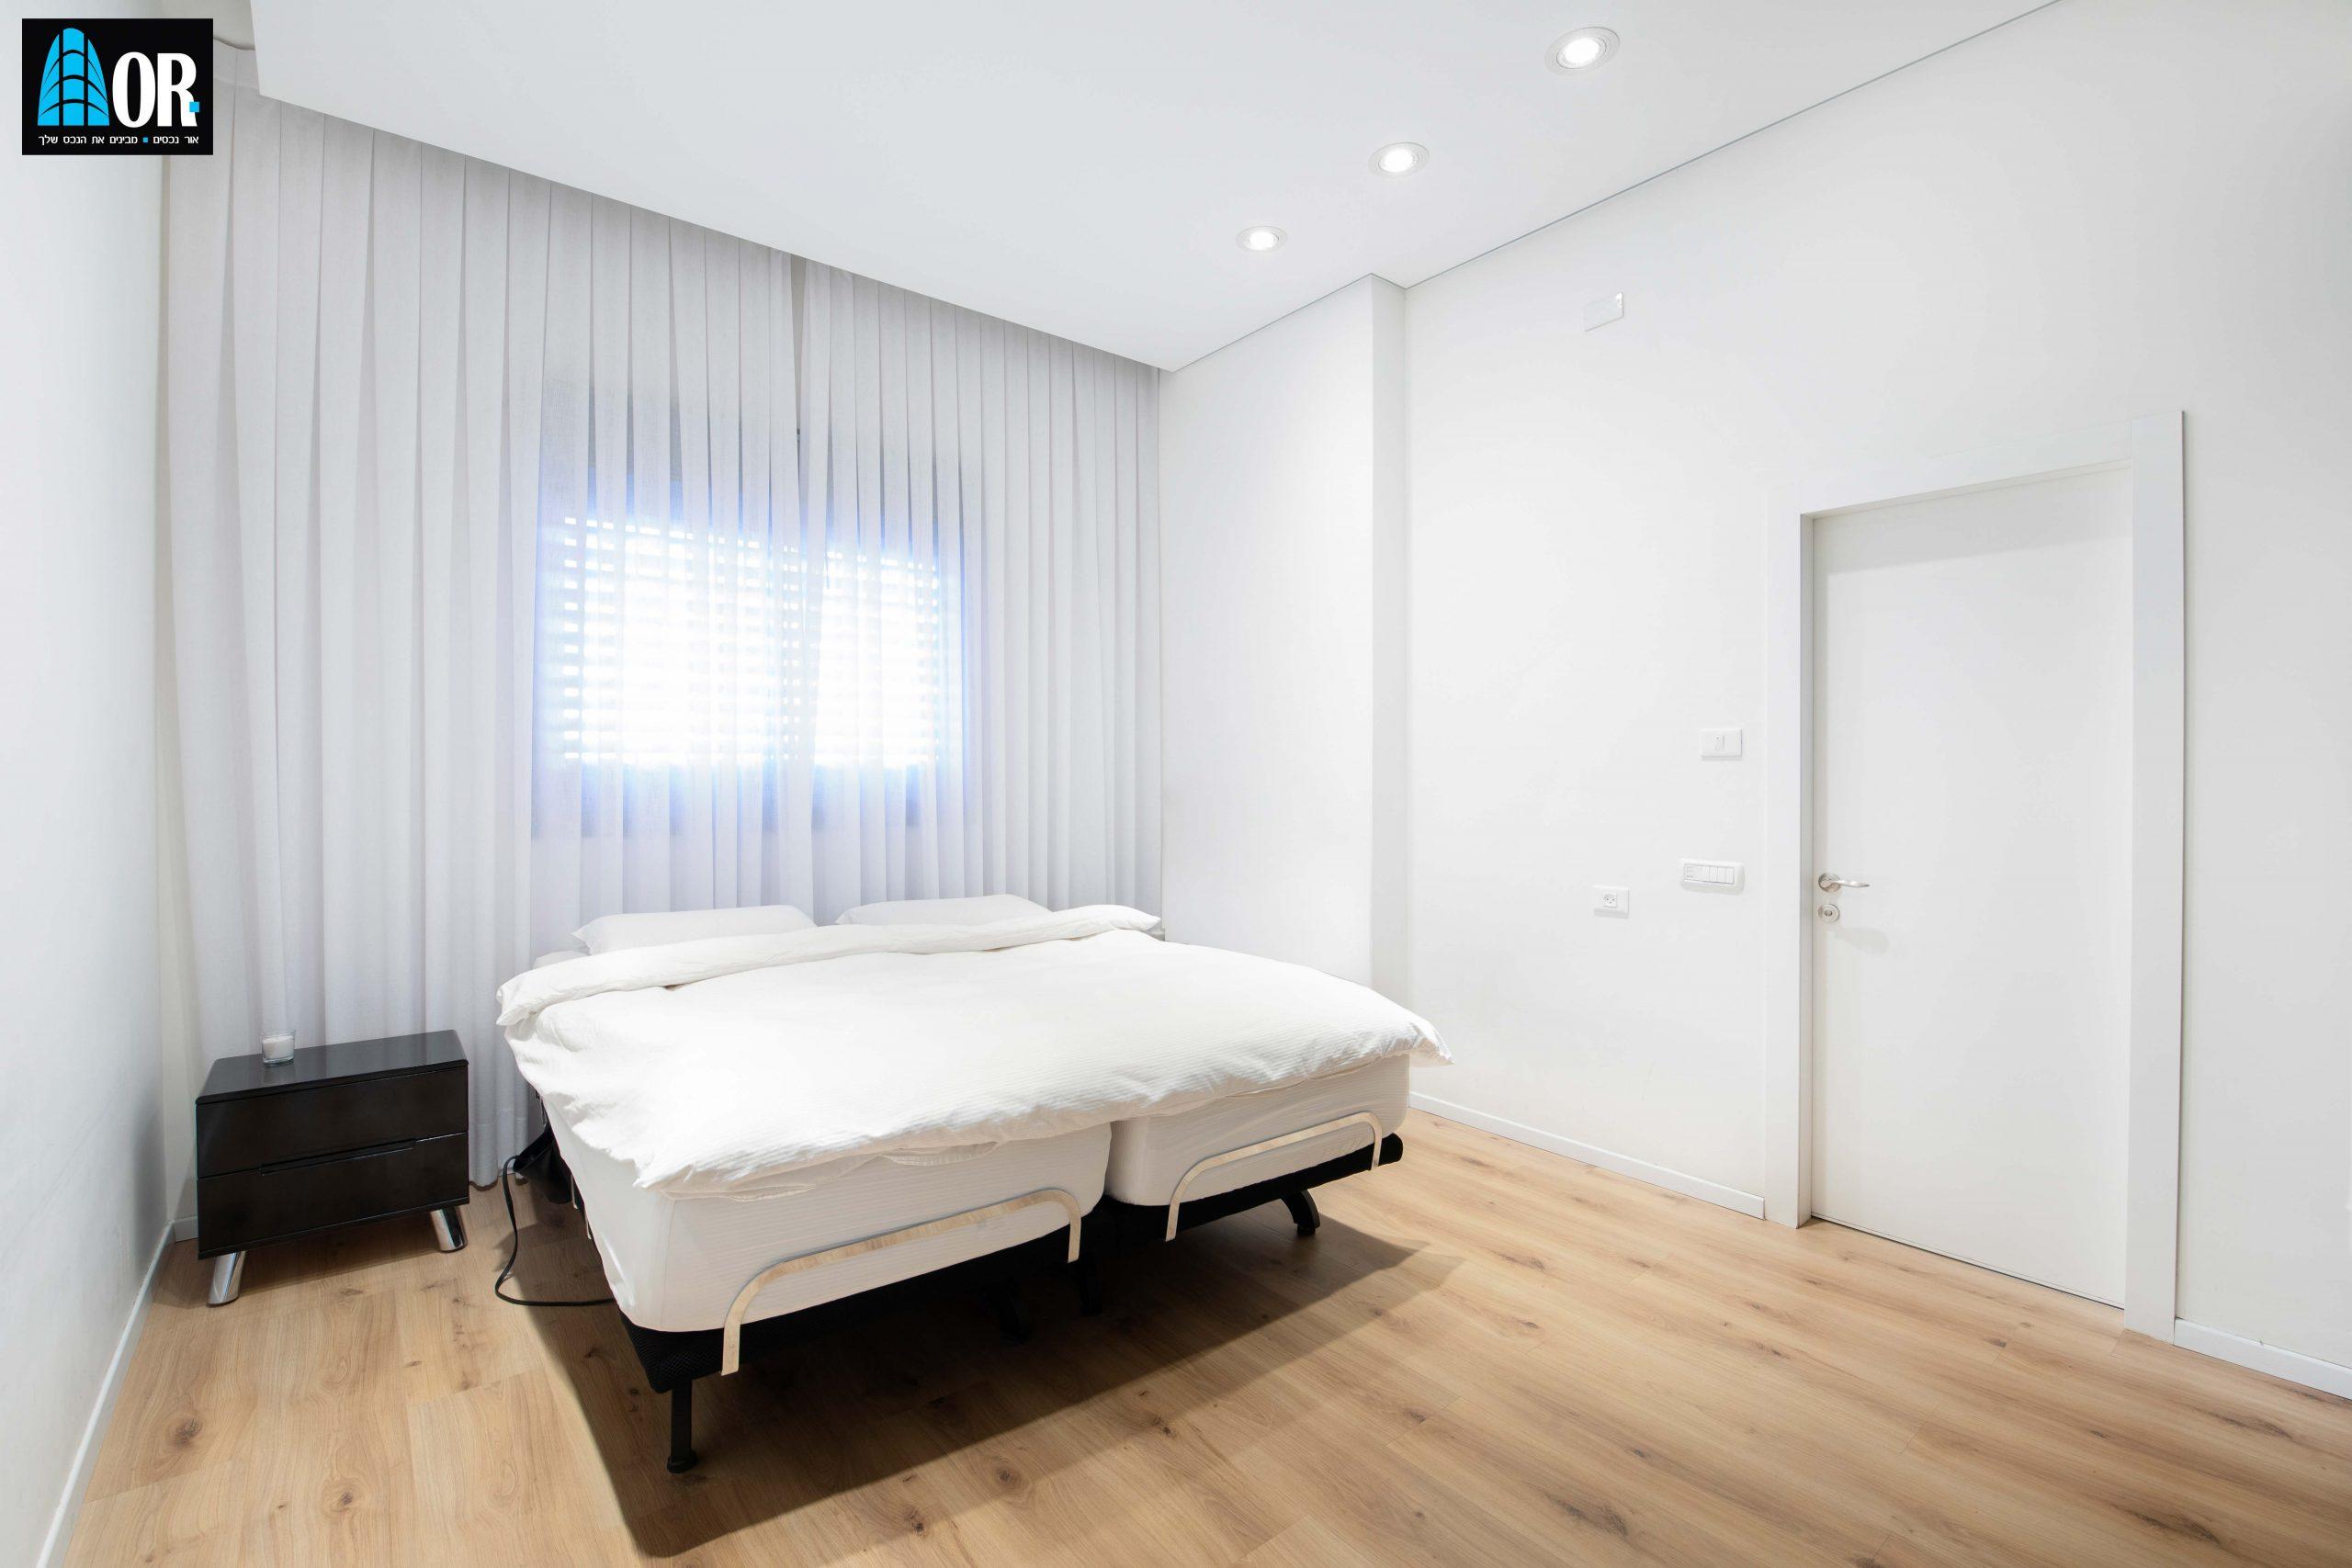 חדר שינה פנטהאוז 6 חדרים שכונה פארק המושבה